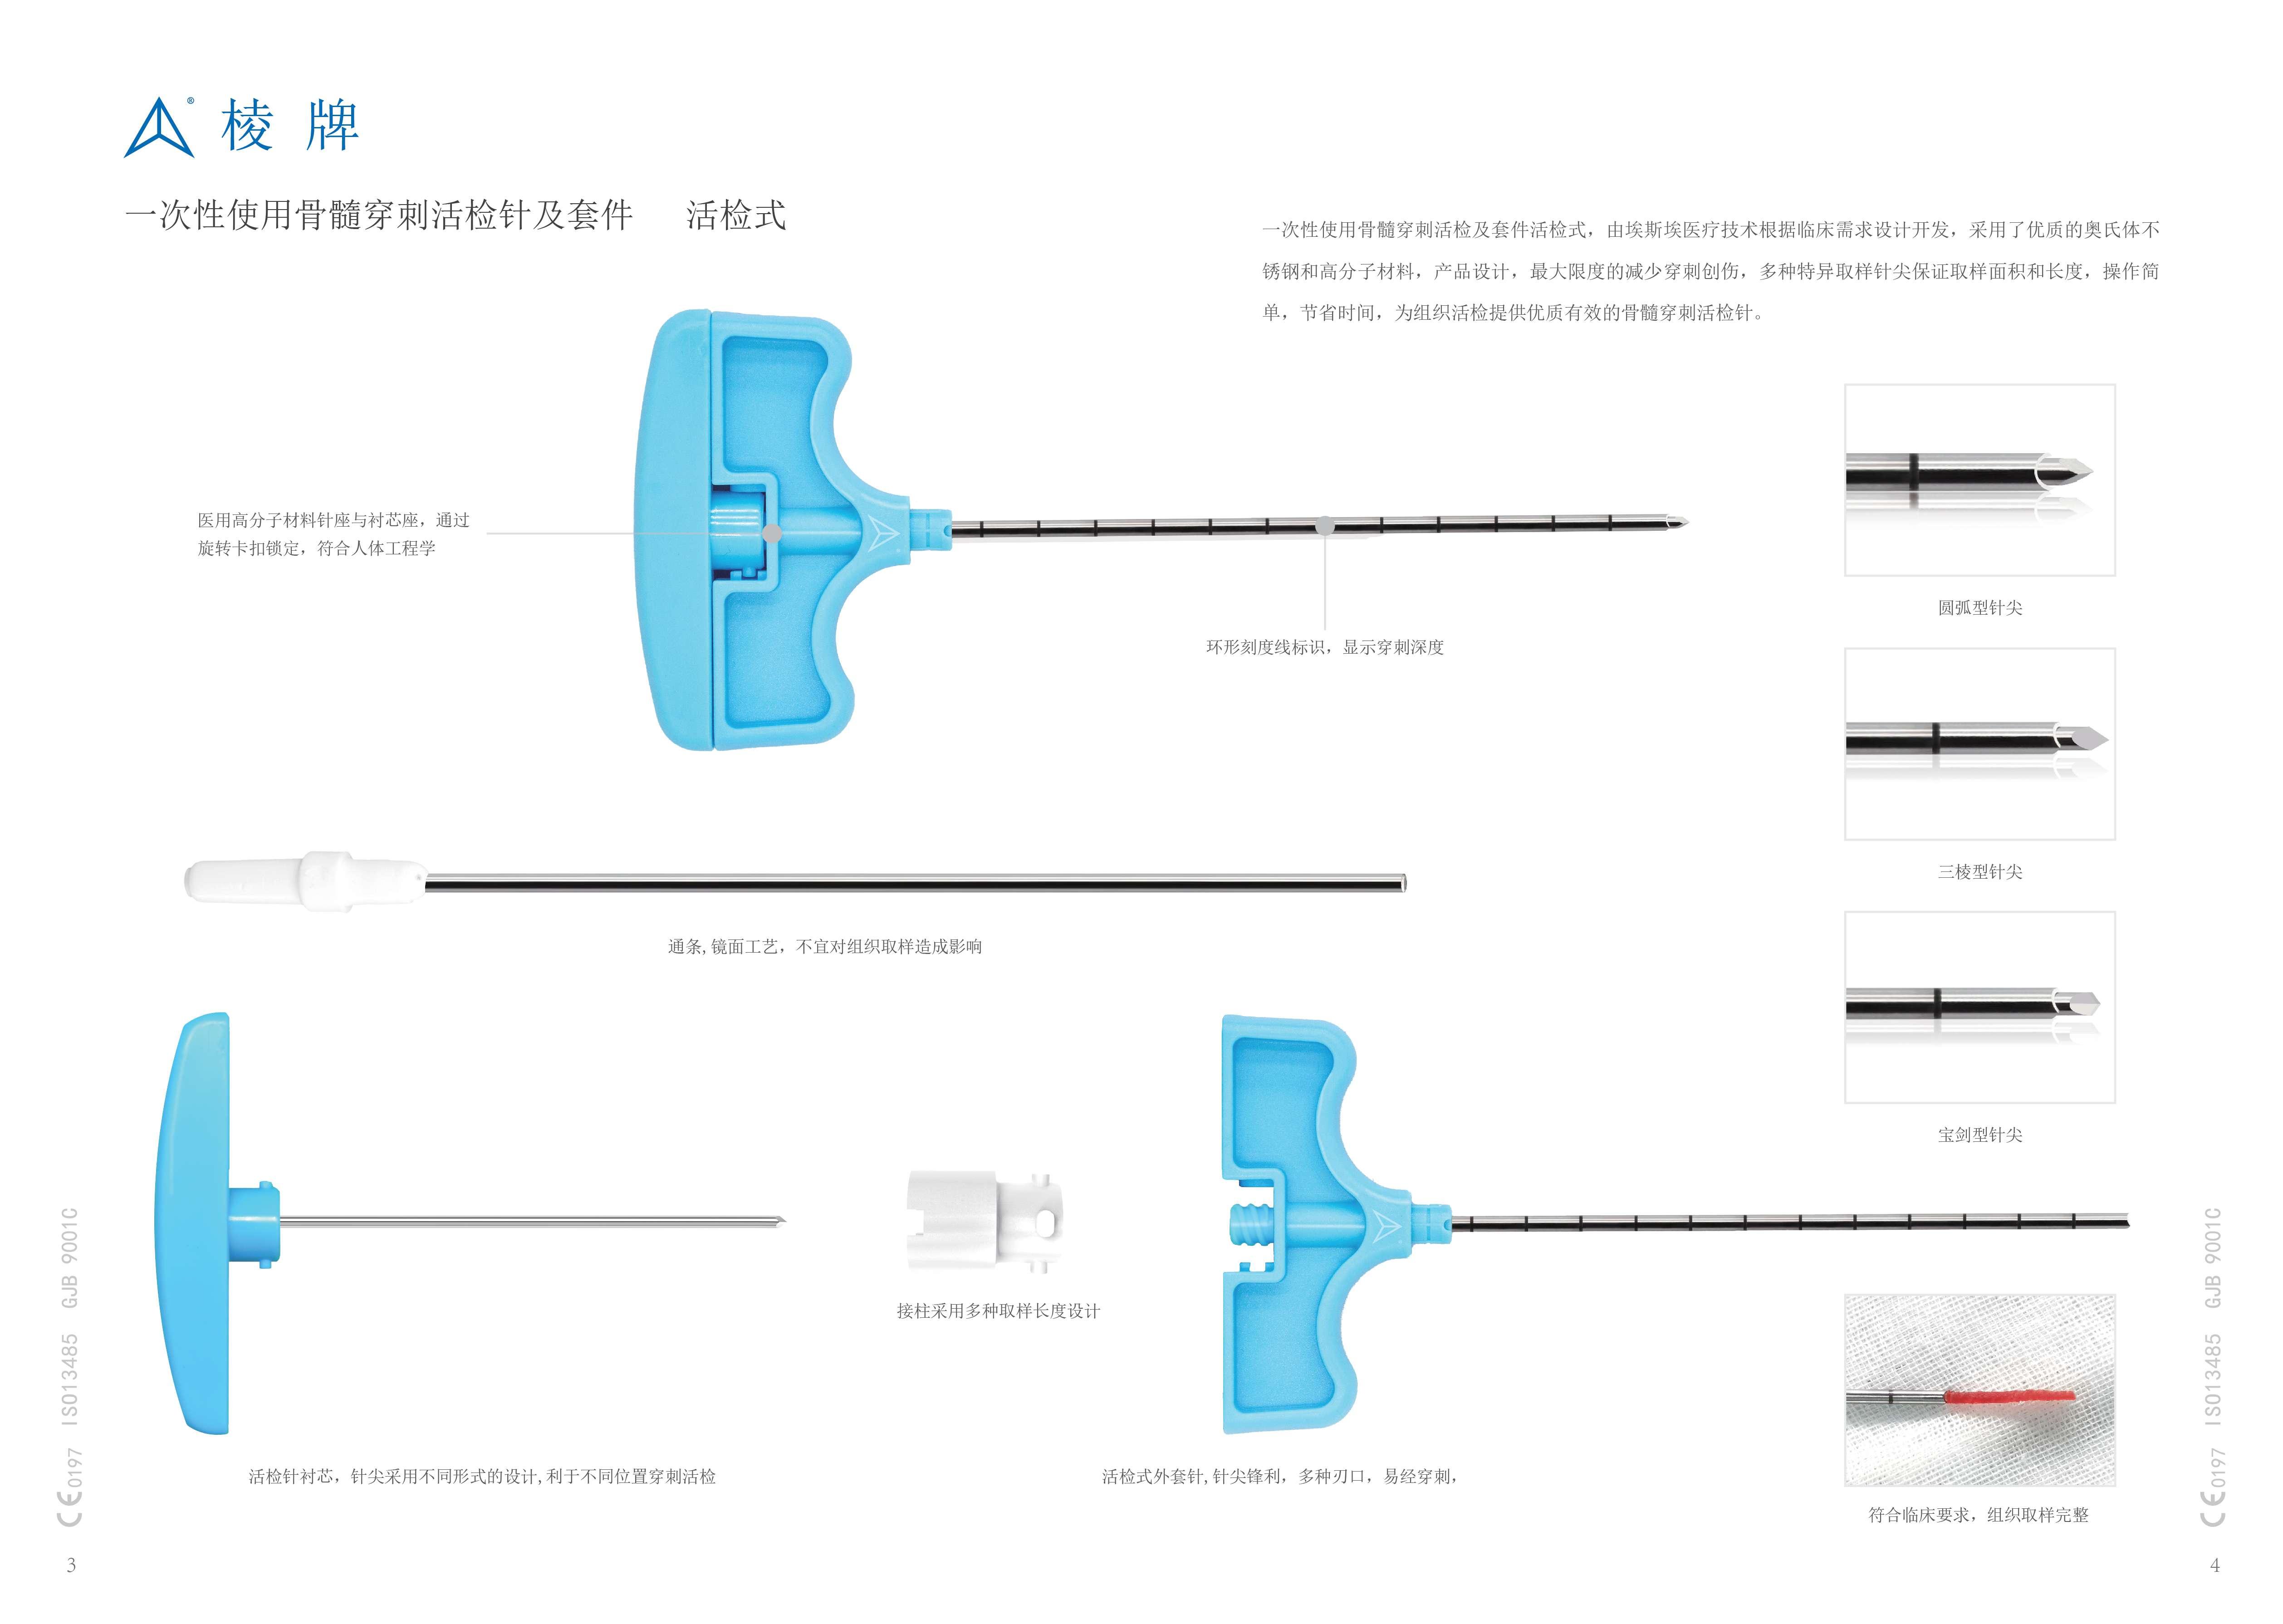 骨髓穿刺系列_畫板 1 副本.jpg